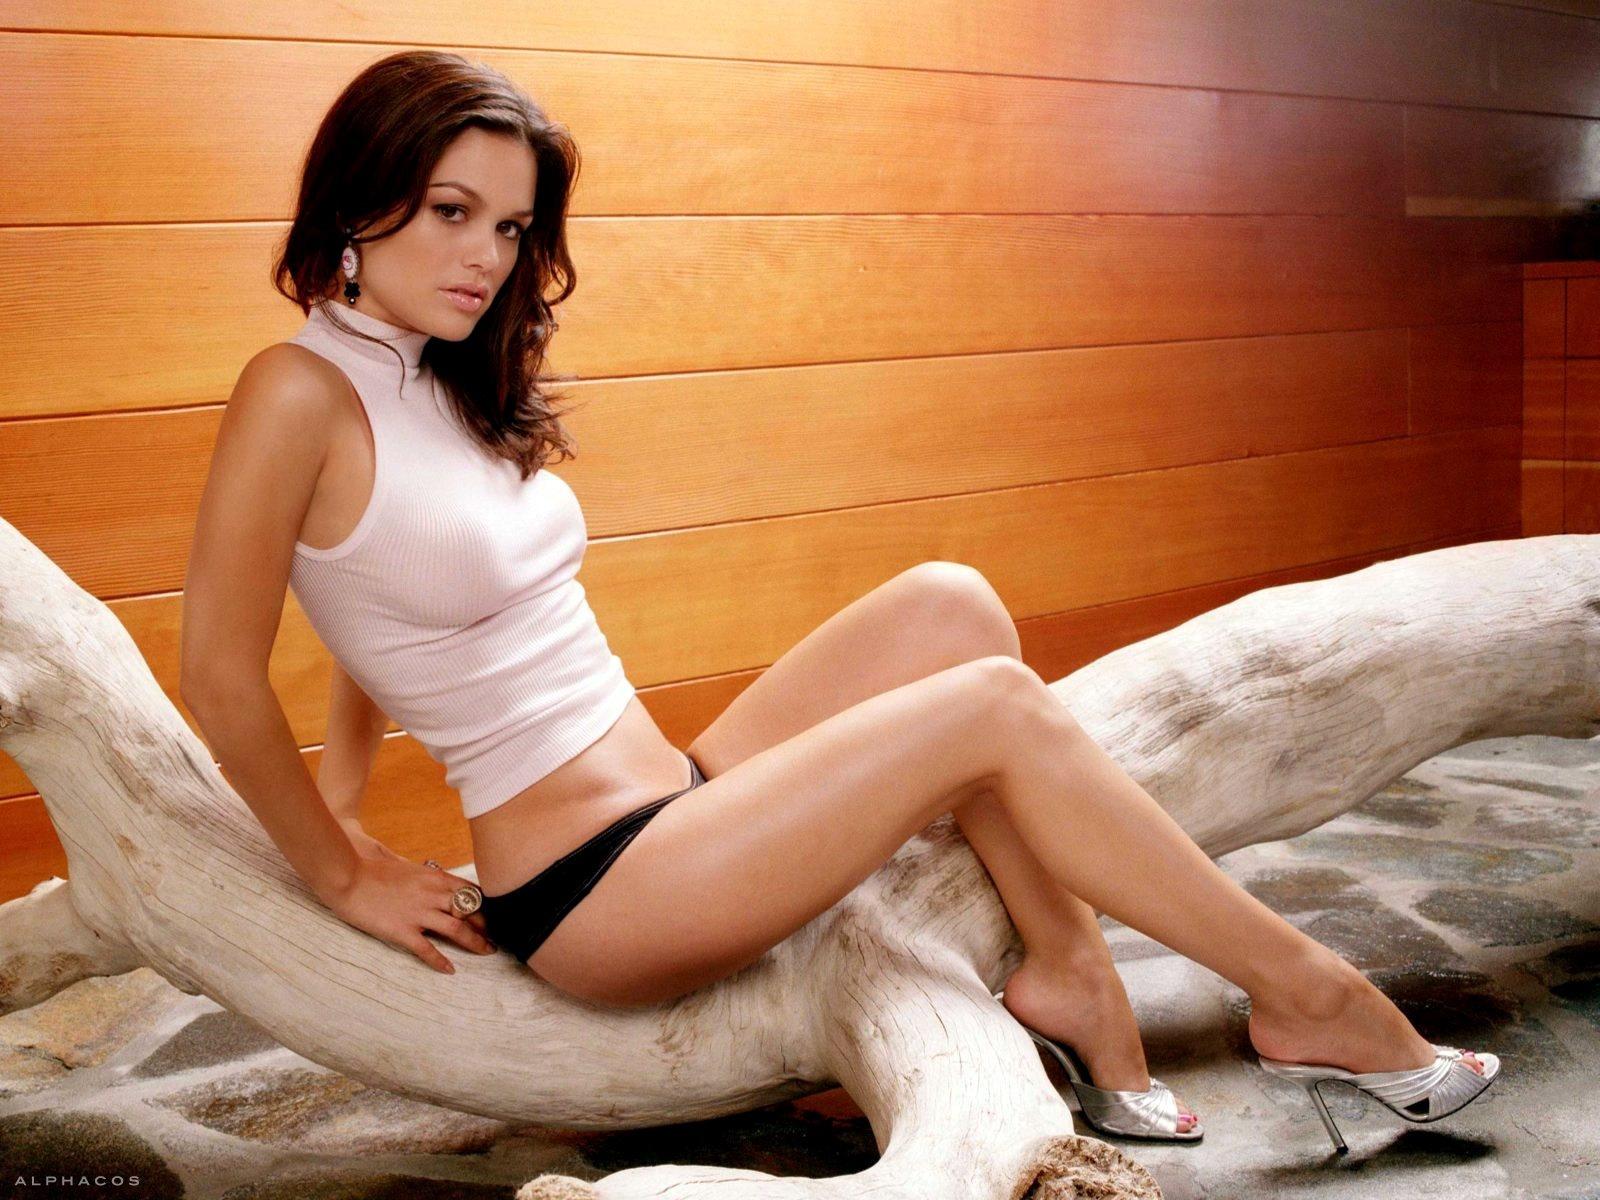 Rachel Bilson Hot Pictures